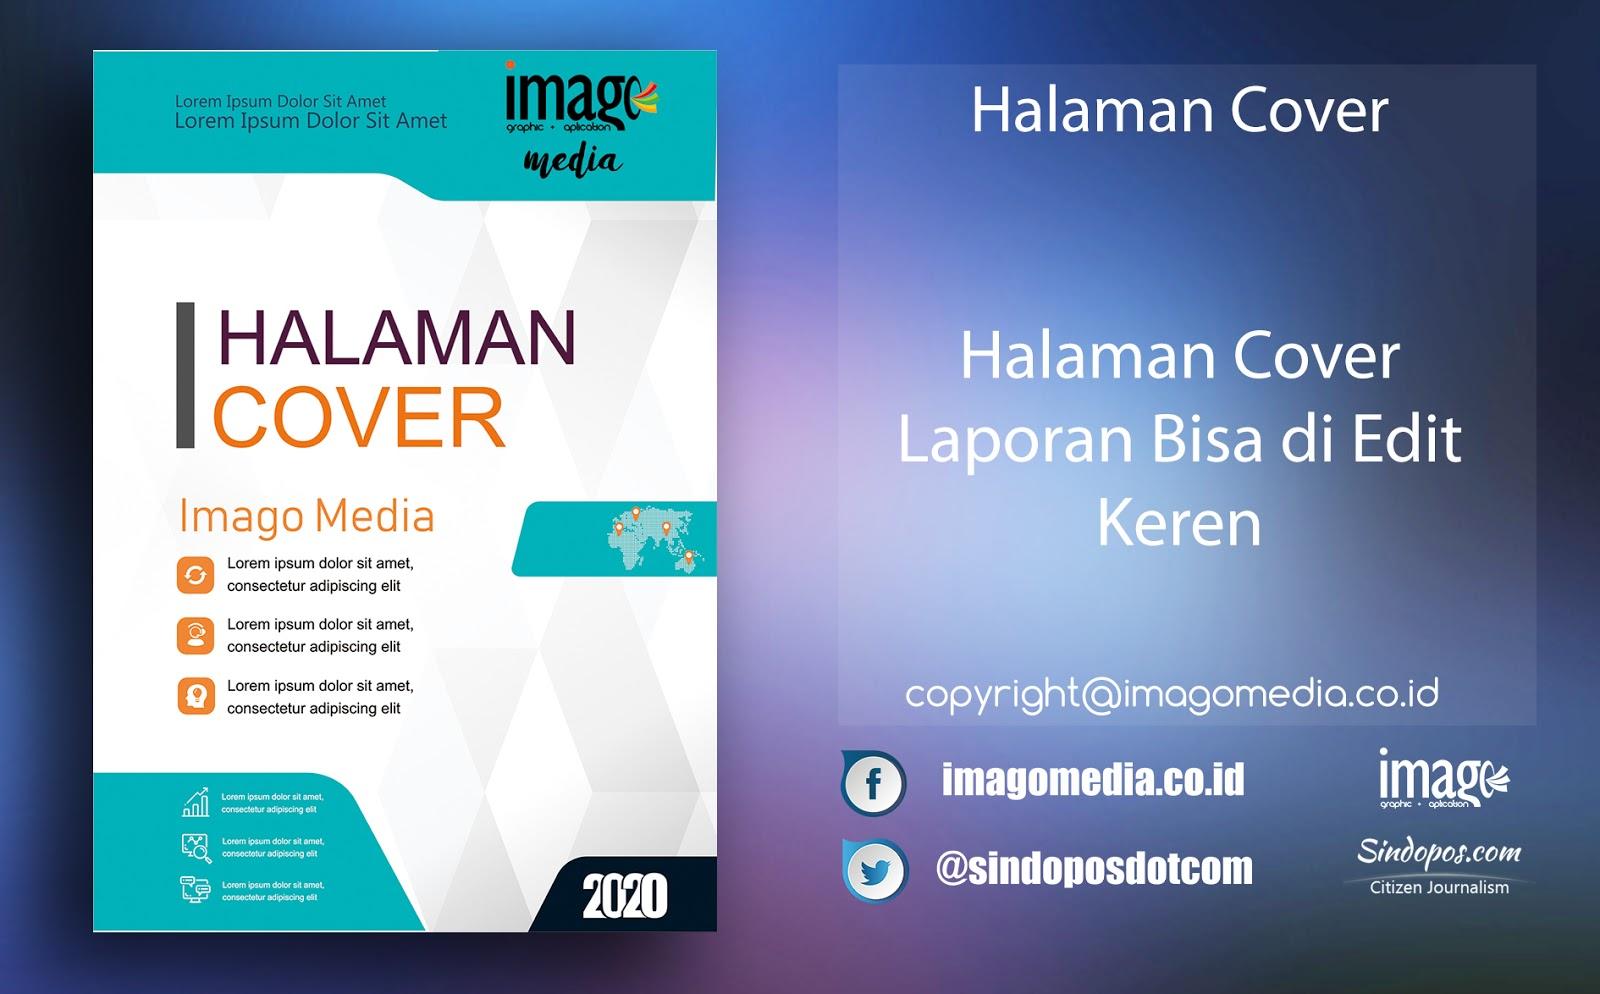 Halaman Cover Laporan Bisa Di Edit Keren Imago Media Home Of Creativity